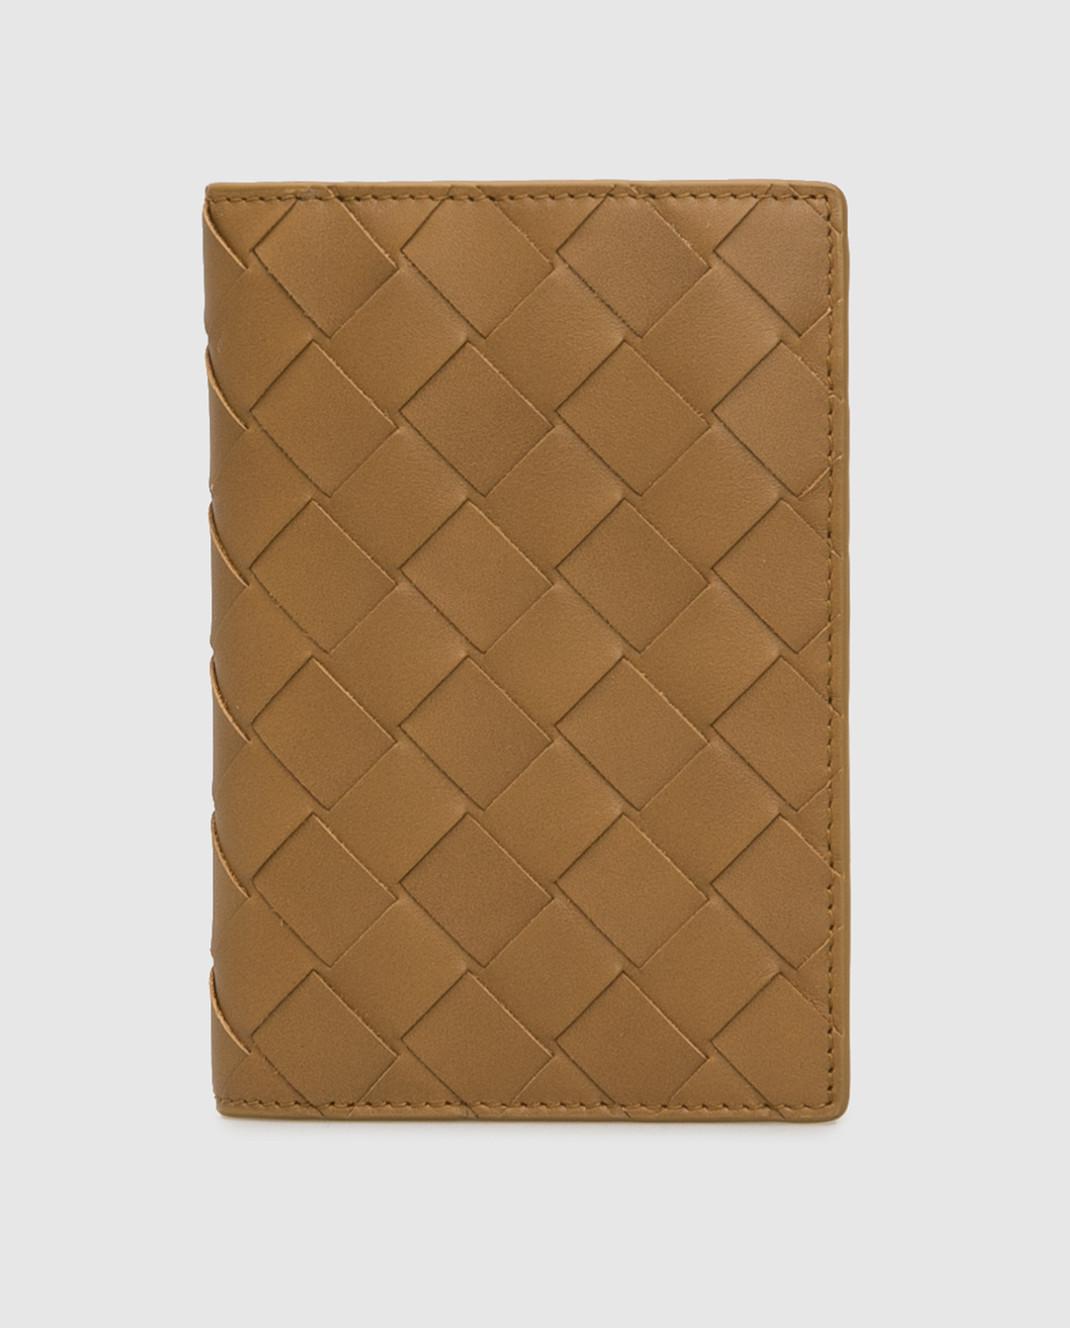 Bottega Veneta Горчичная кожаная обложка для паспорта изображение 1